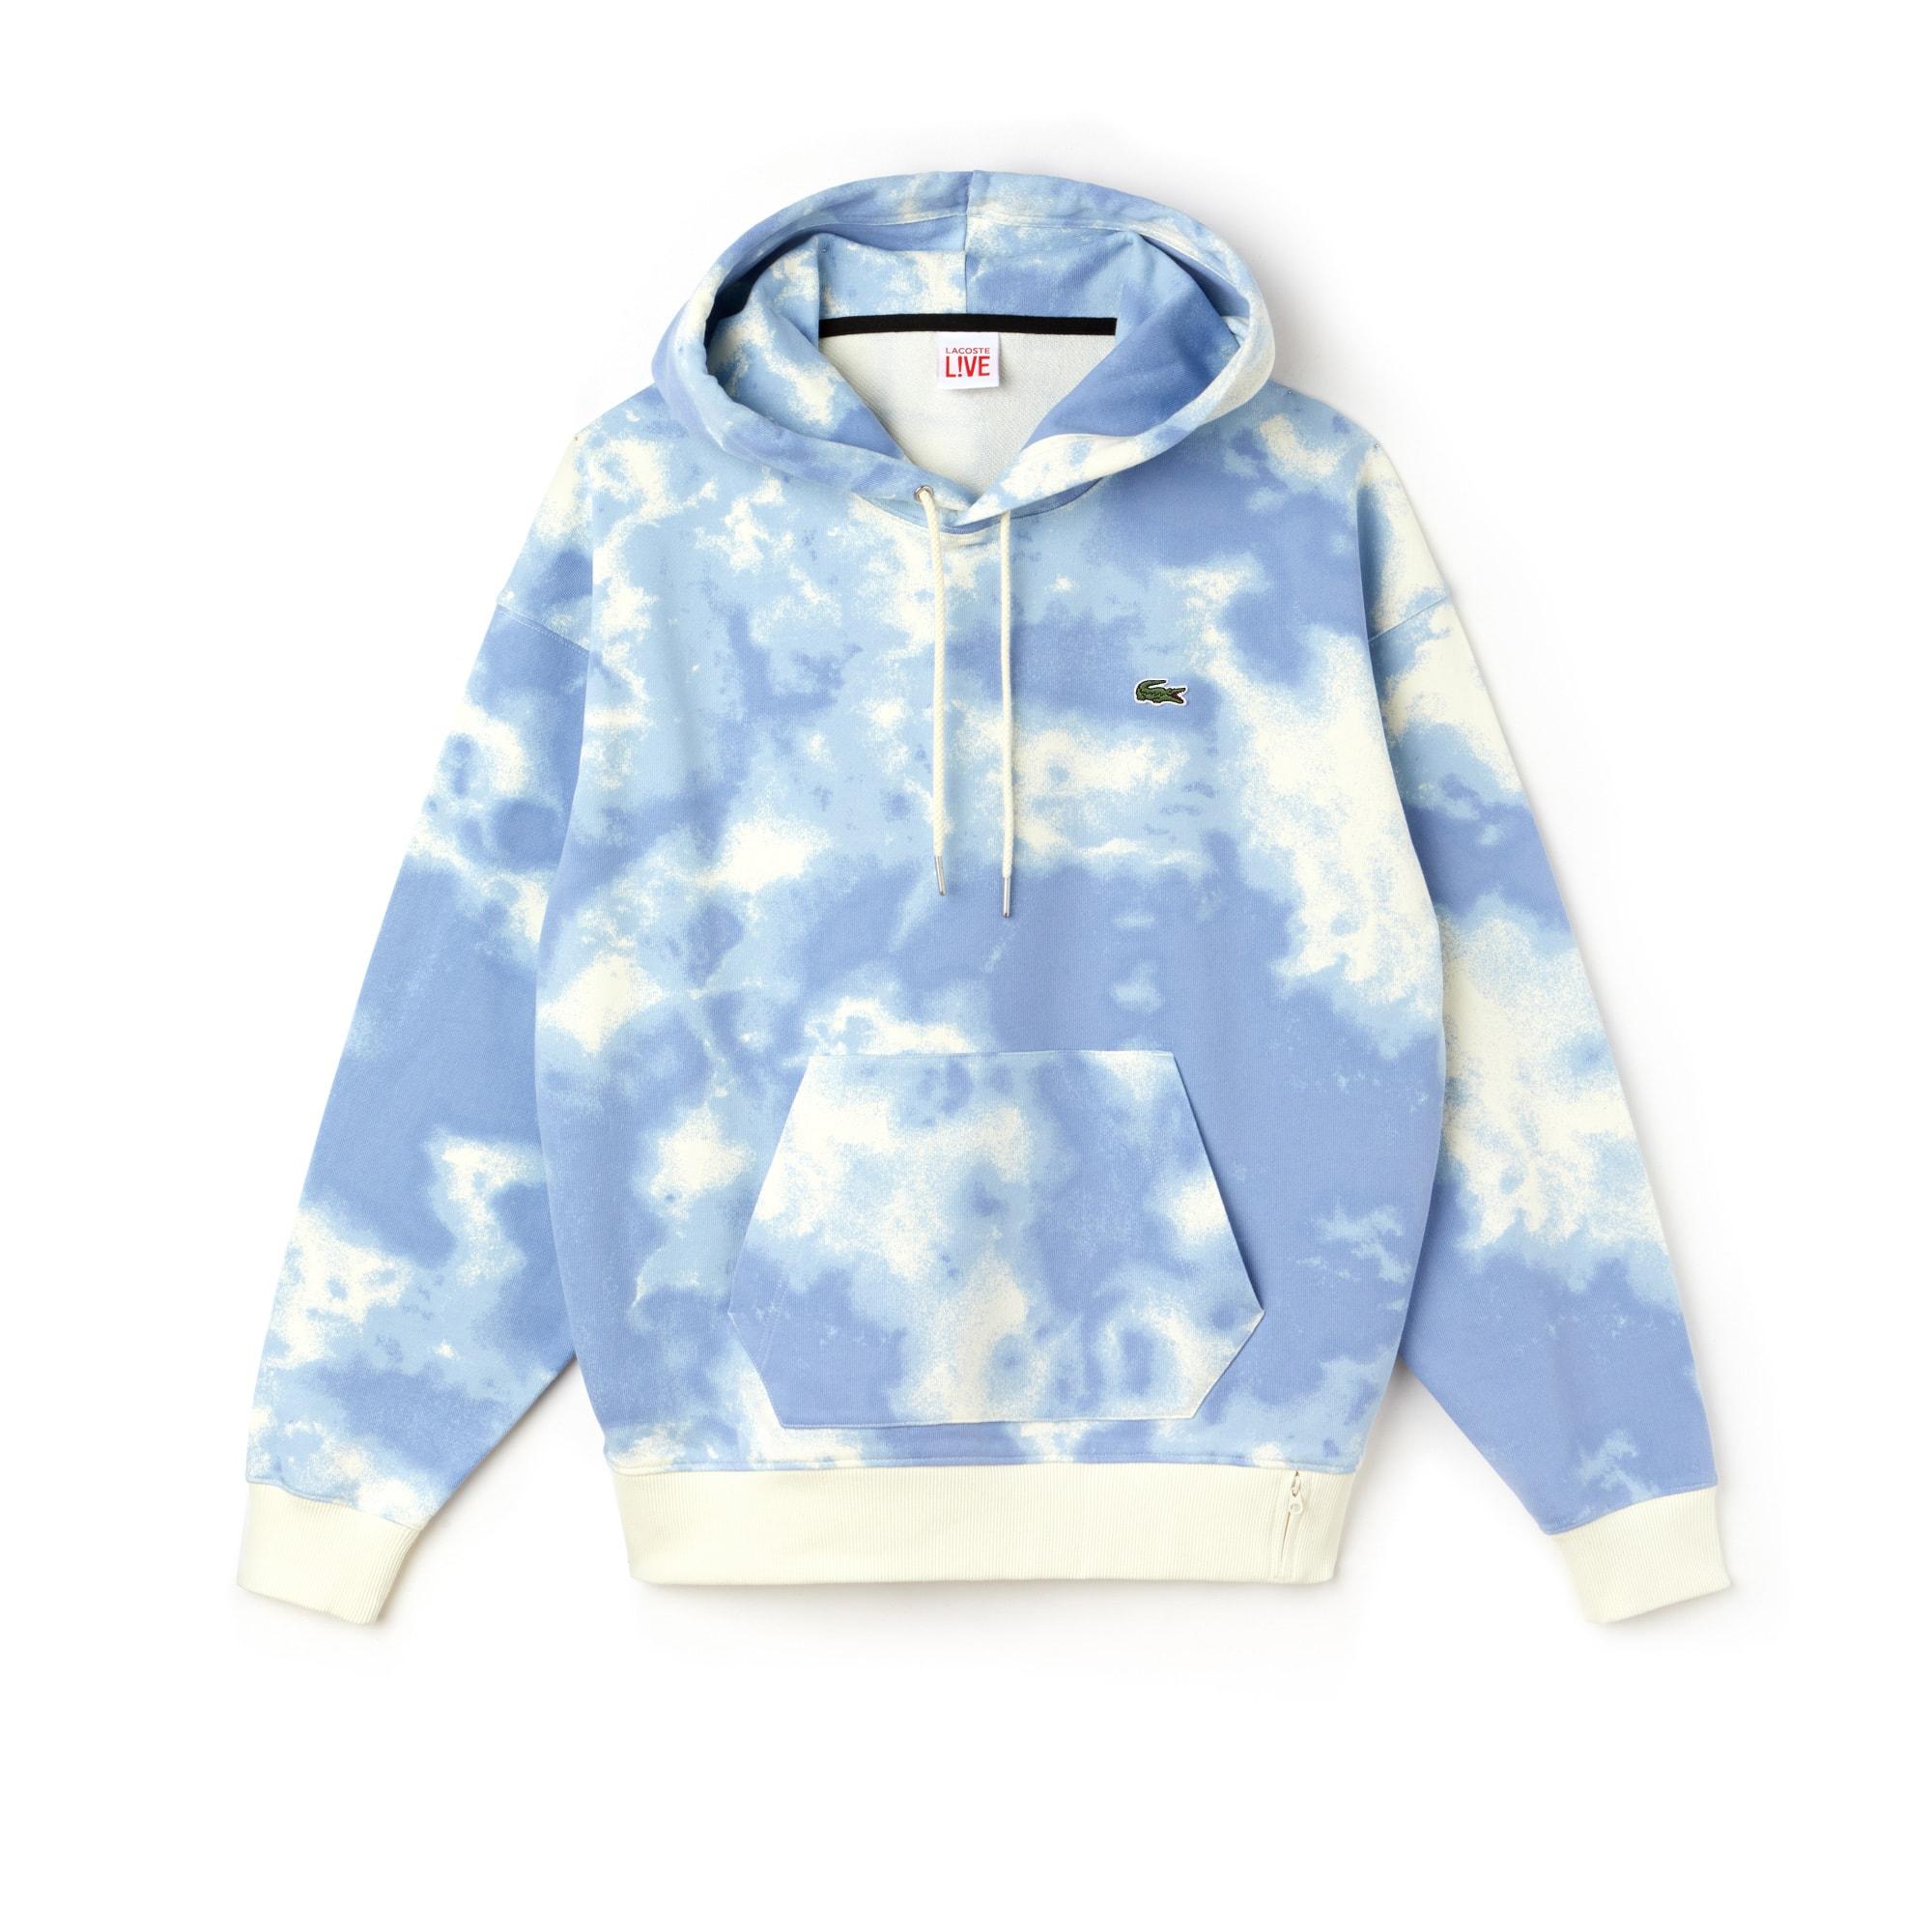 Men's Lacoste LIVE Hooded Cloud Print Fleece Sweatshirt